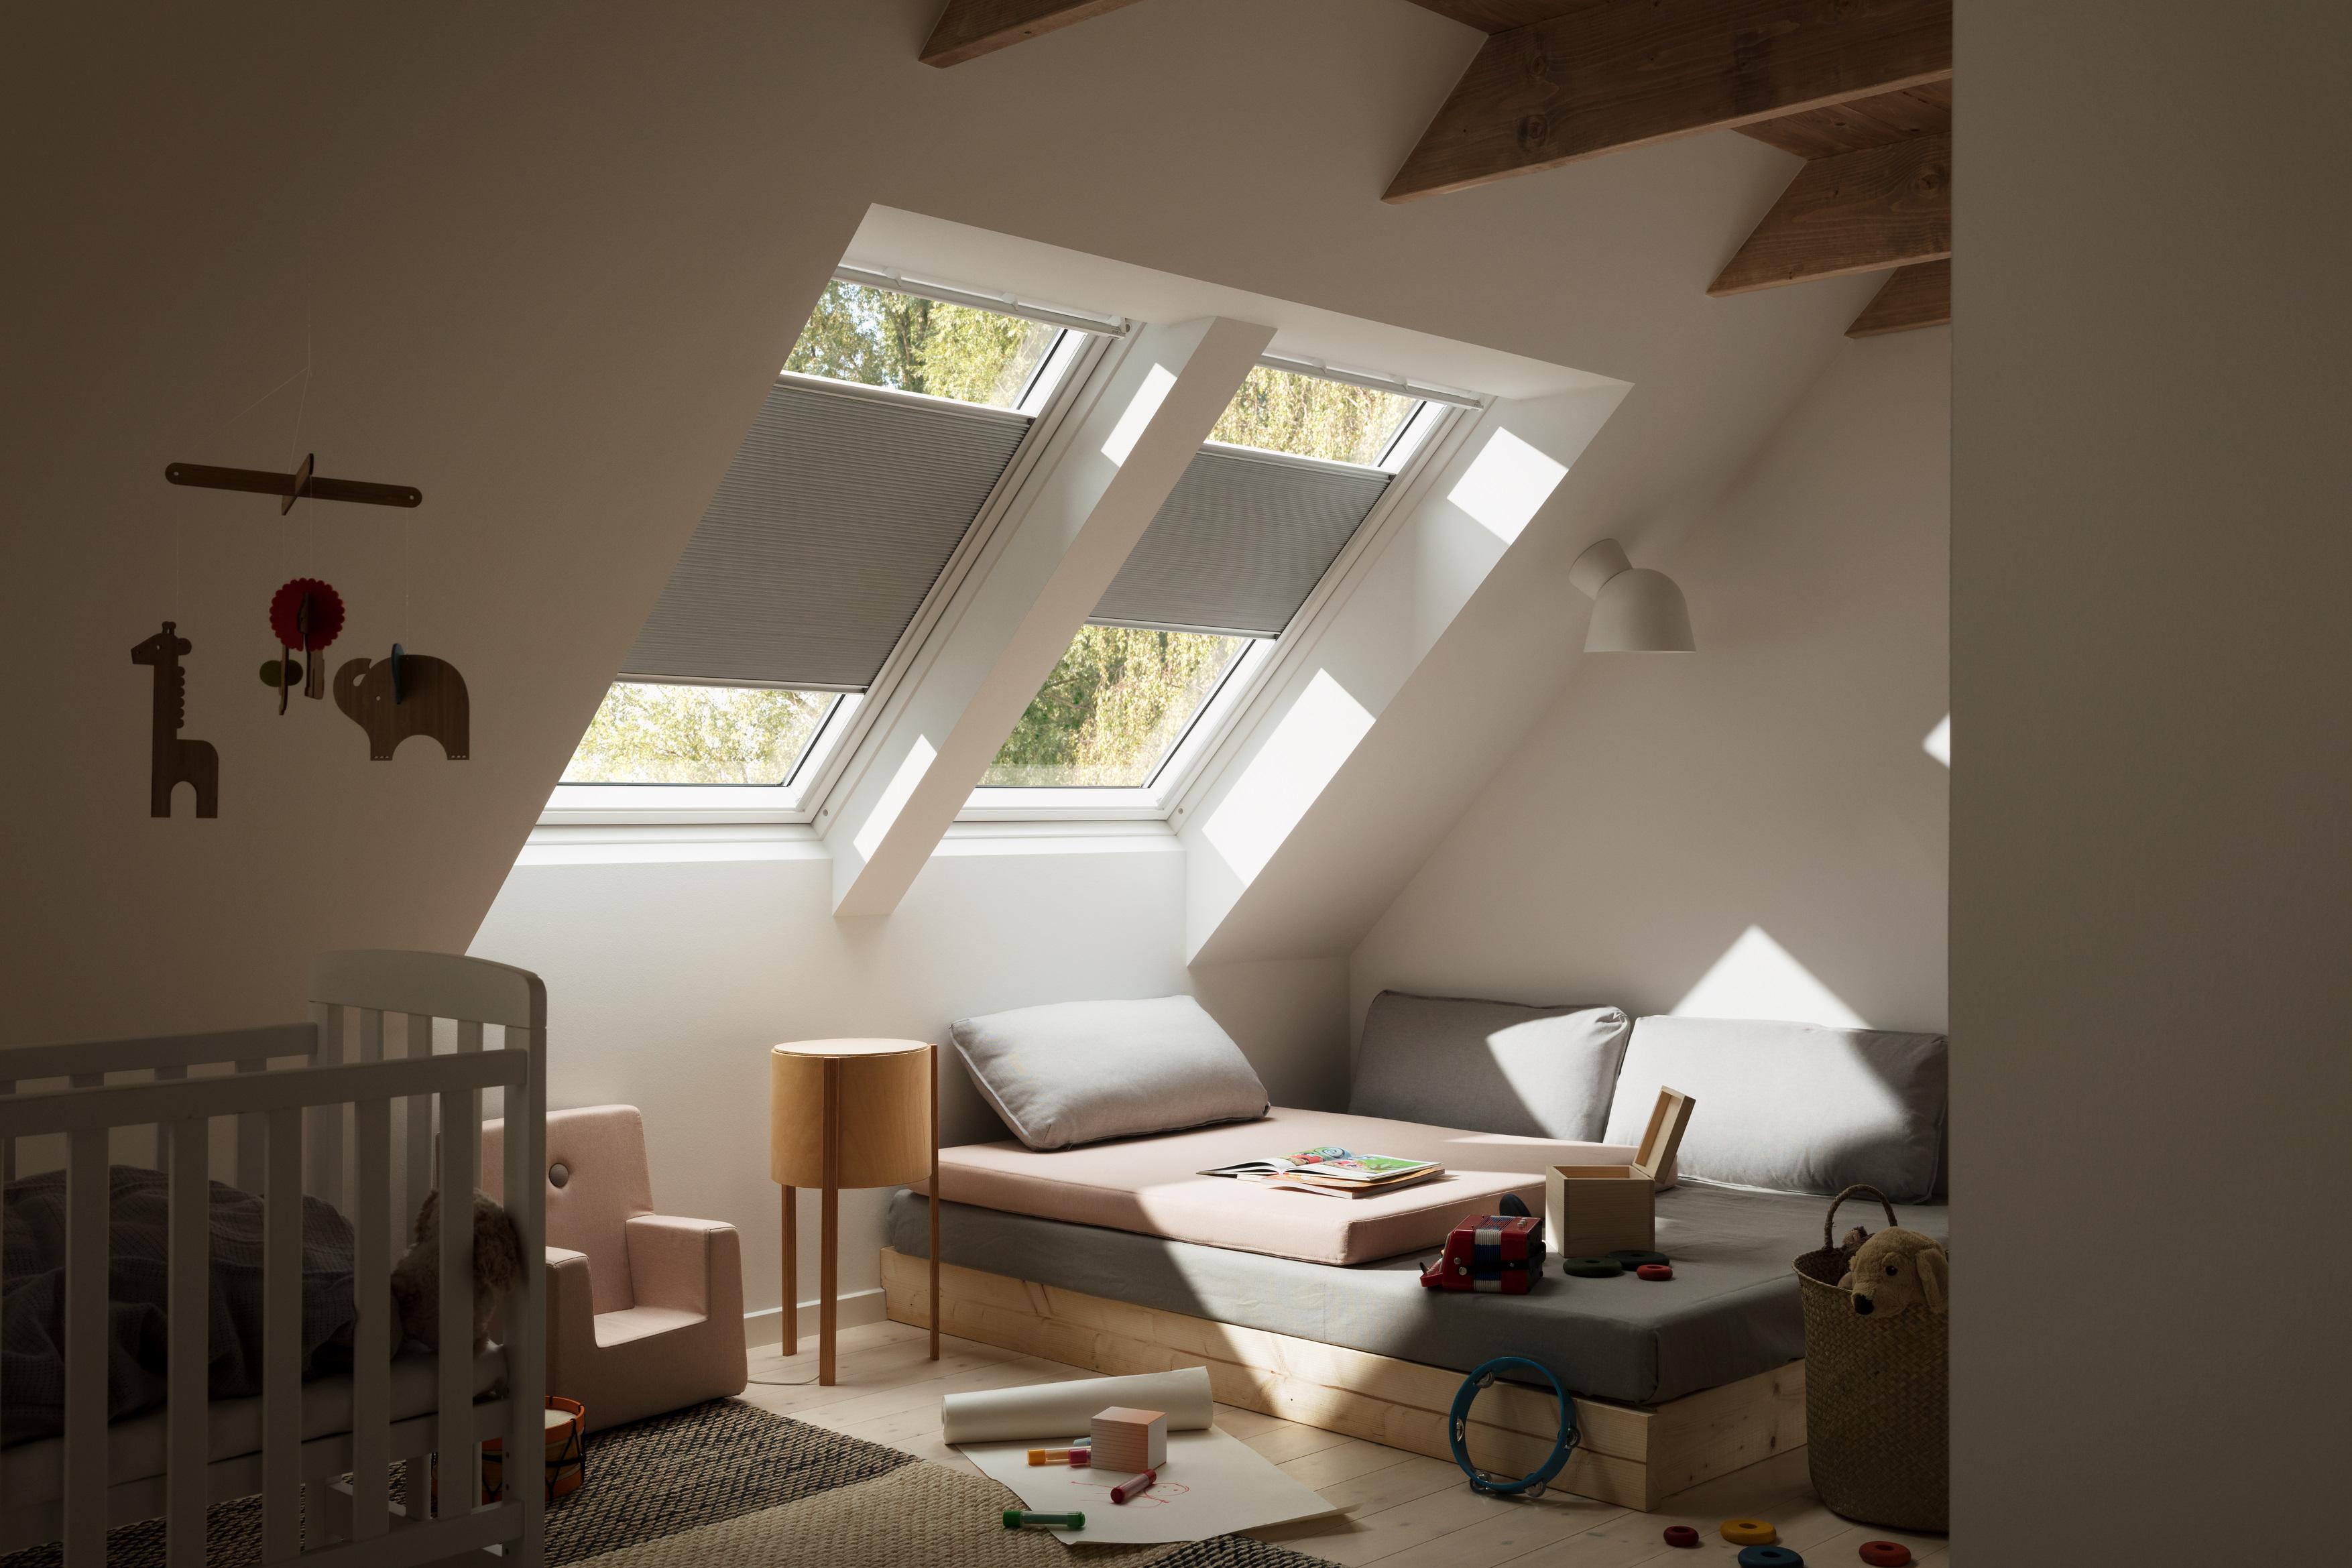 Tende e tapparelle per lucernari proteggere la mansarda - Adesivi oscuranti per finestre ...